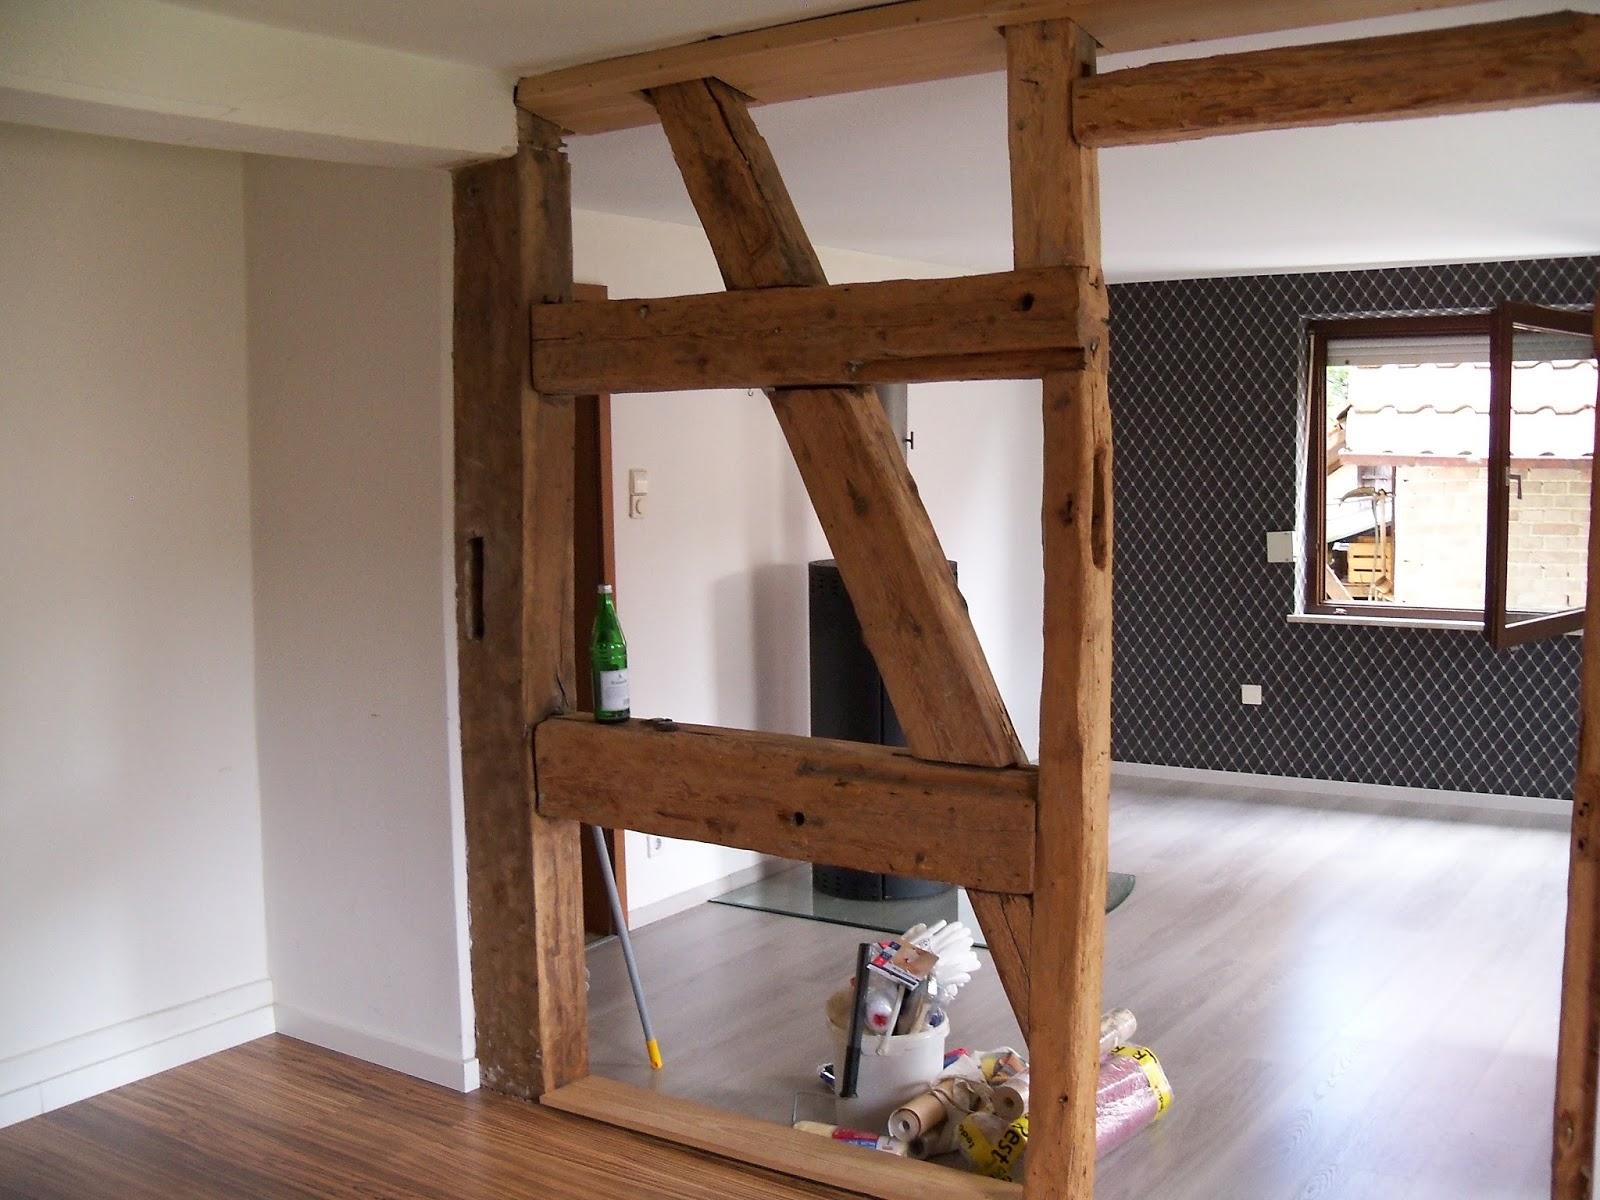 82 wohnzimmer gestalten fachwerk fachwerk raumteiler selber bauen landhaus shabby chic. Black Bedroom Furniture Sets. Home Design Ideas